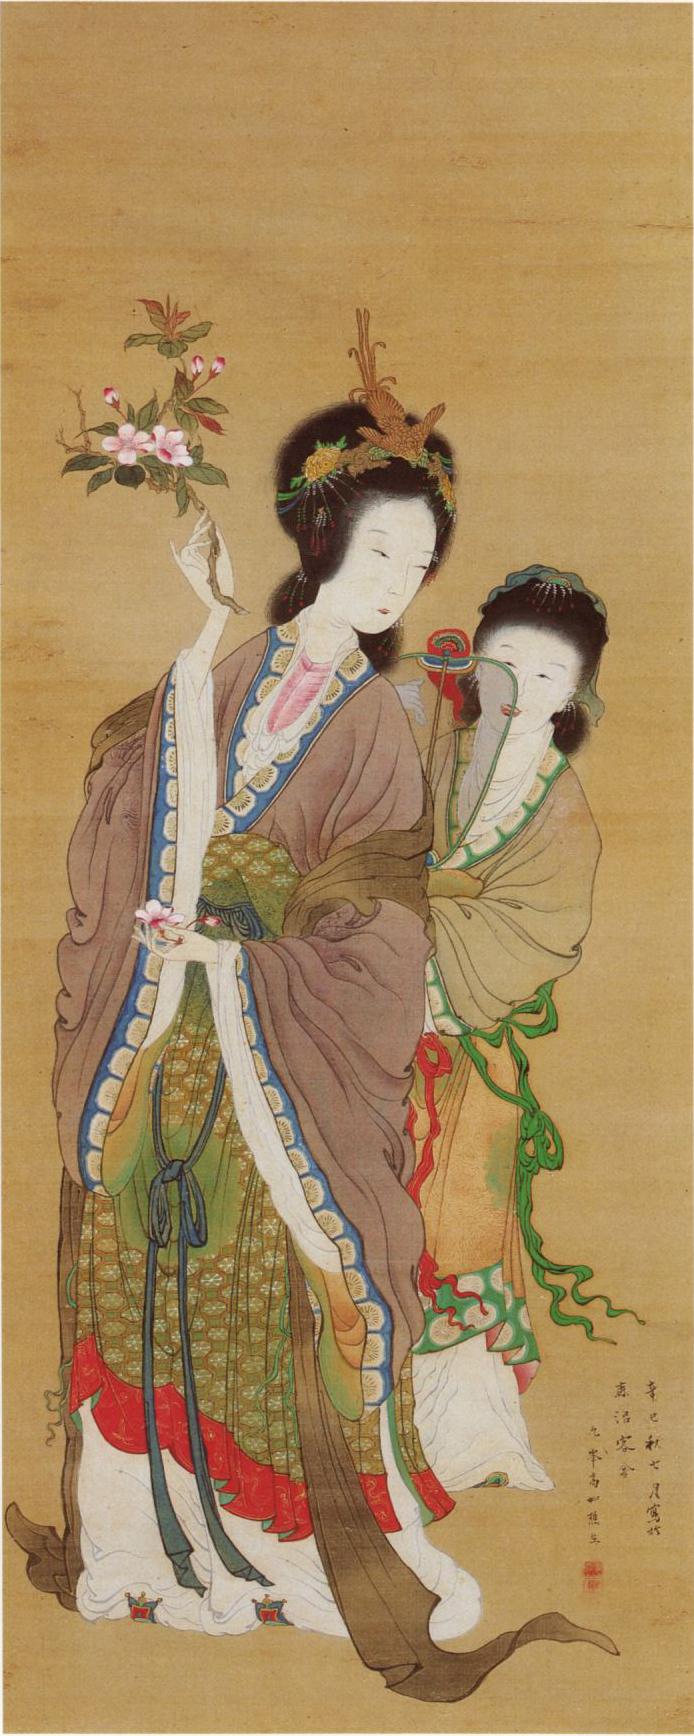 Yang Gui-fei by Takaku Aigai.jpg